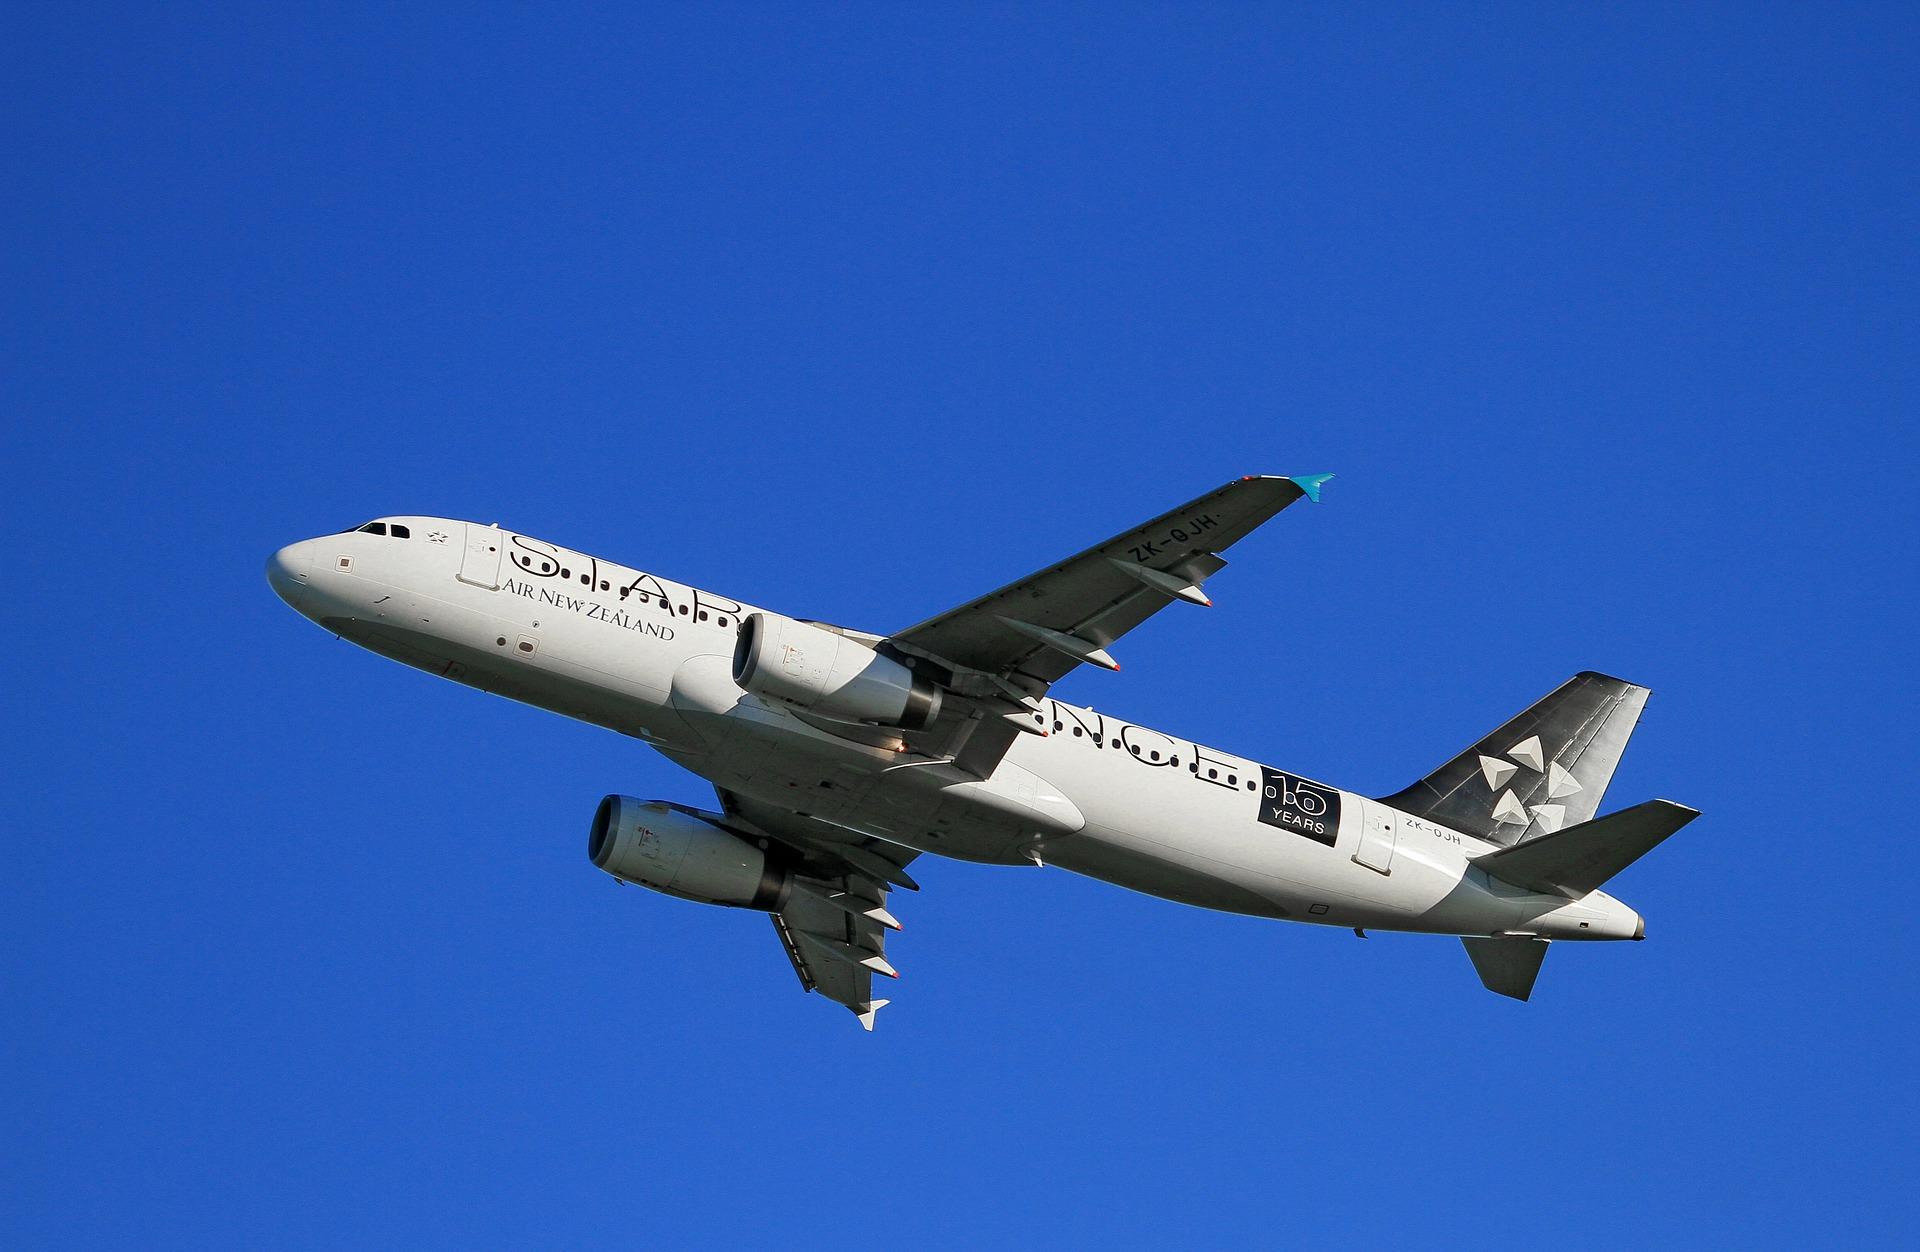 Az EU és az Egyesült Államok felfüggeszti az Airbus és a Boeing tiltott támogatásai miatt bevezetett vámtarifákat